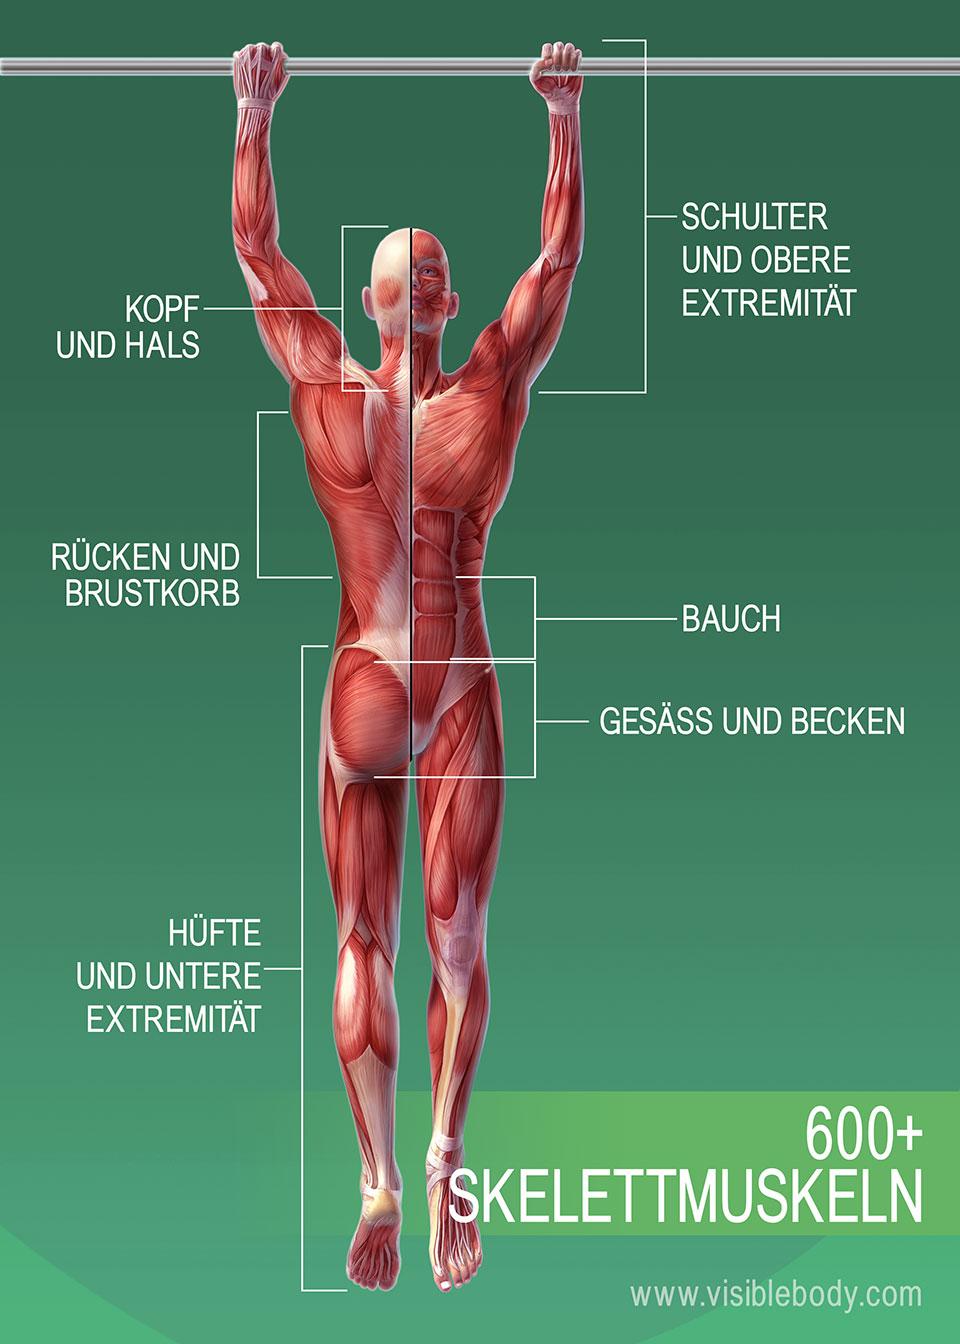 3B-600+-Skelett-Muskeln